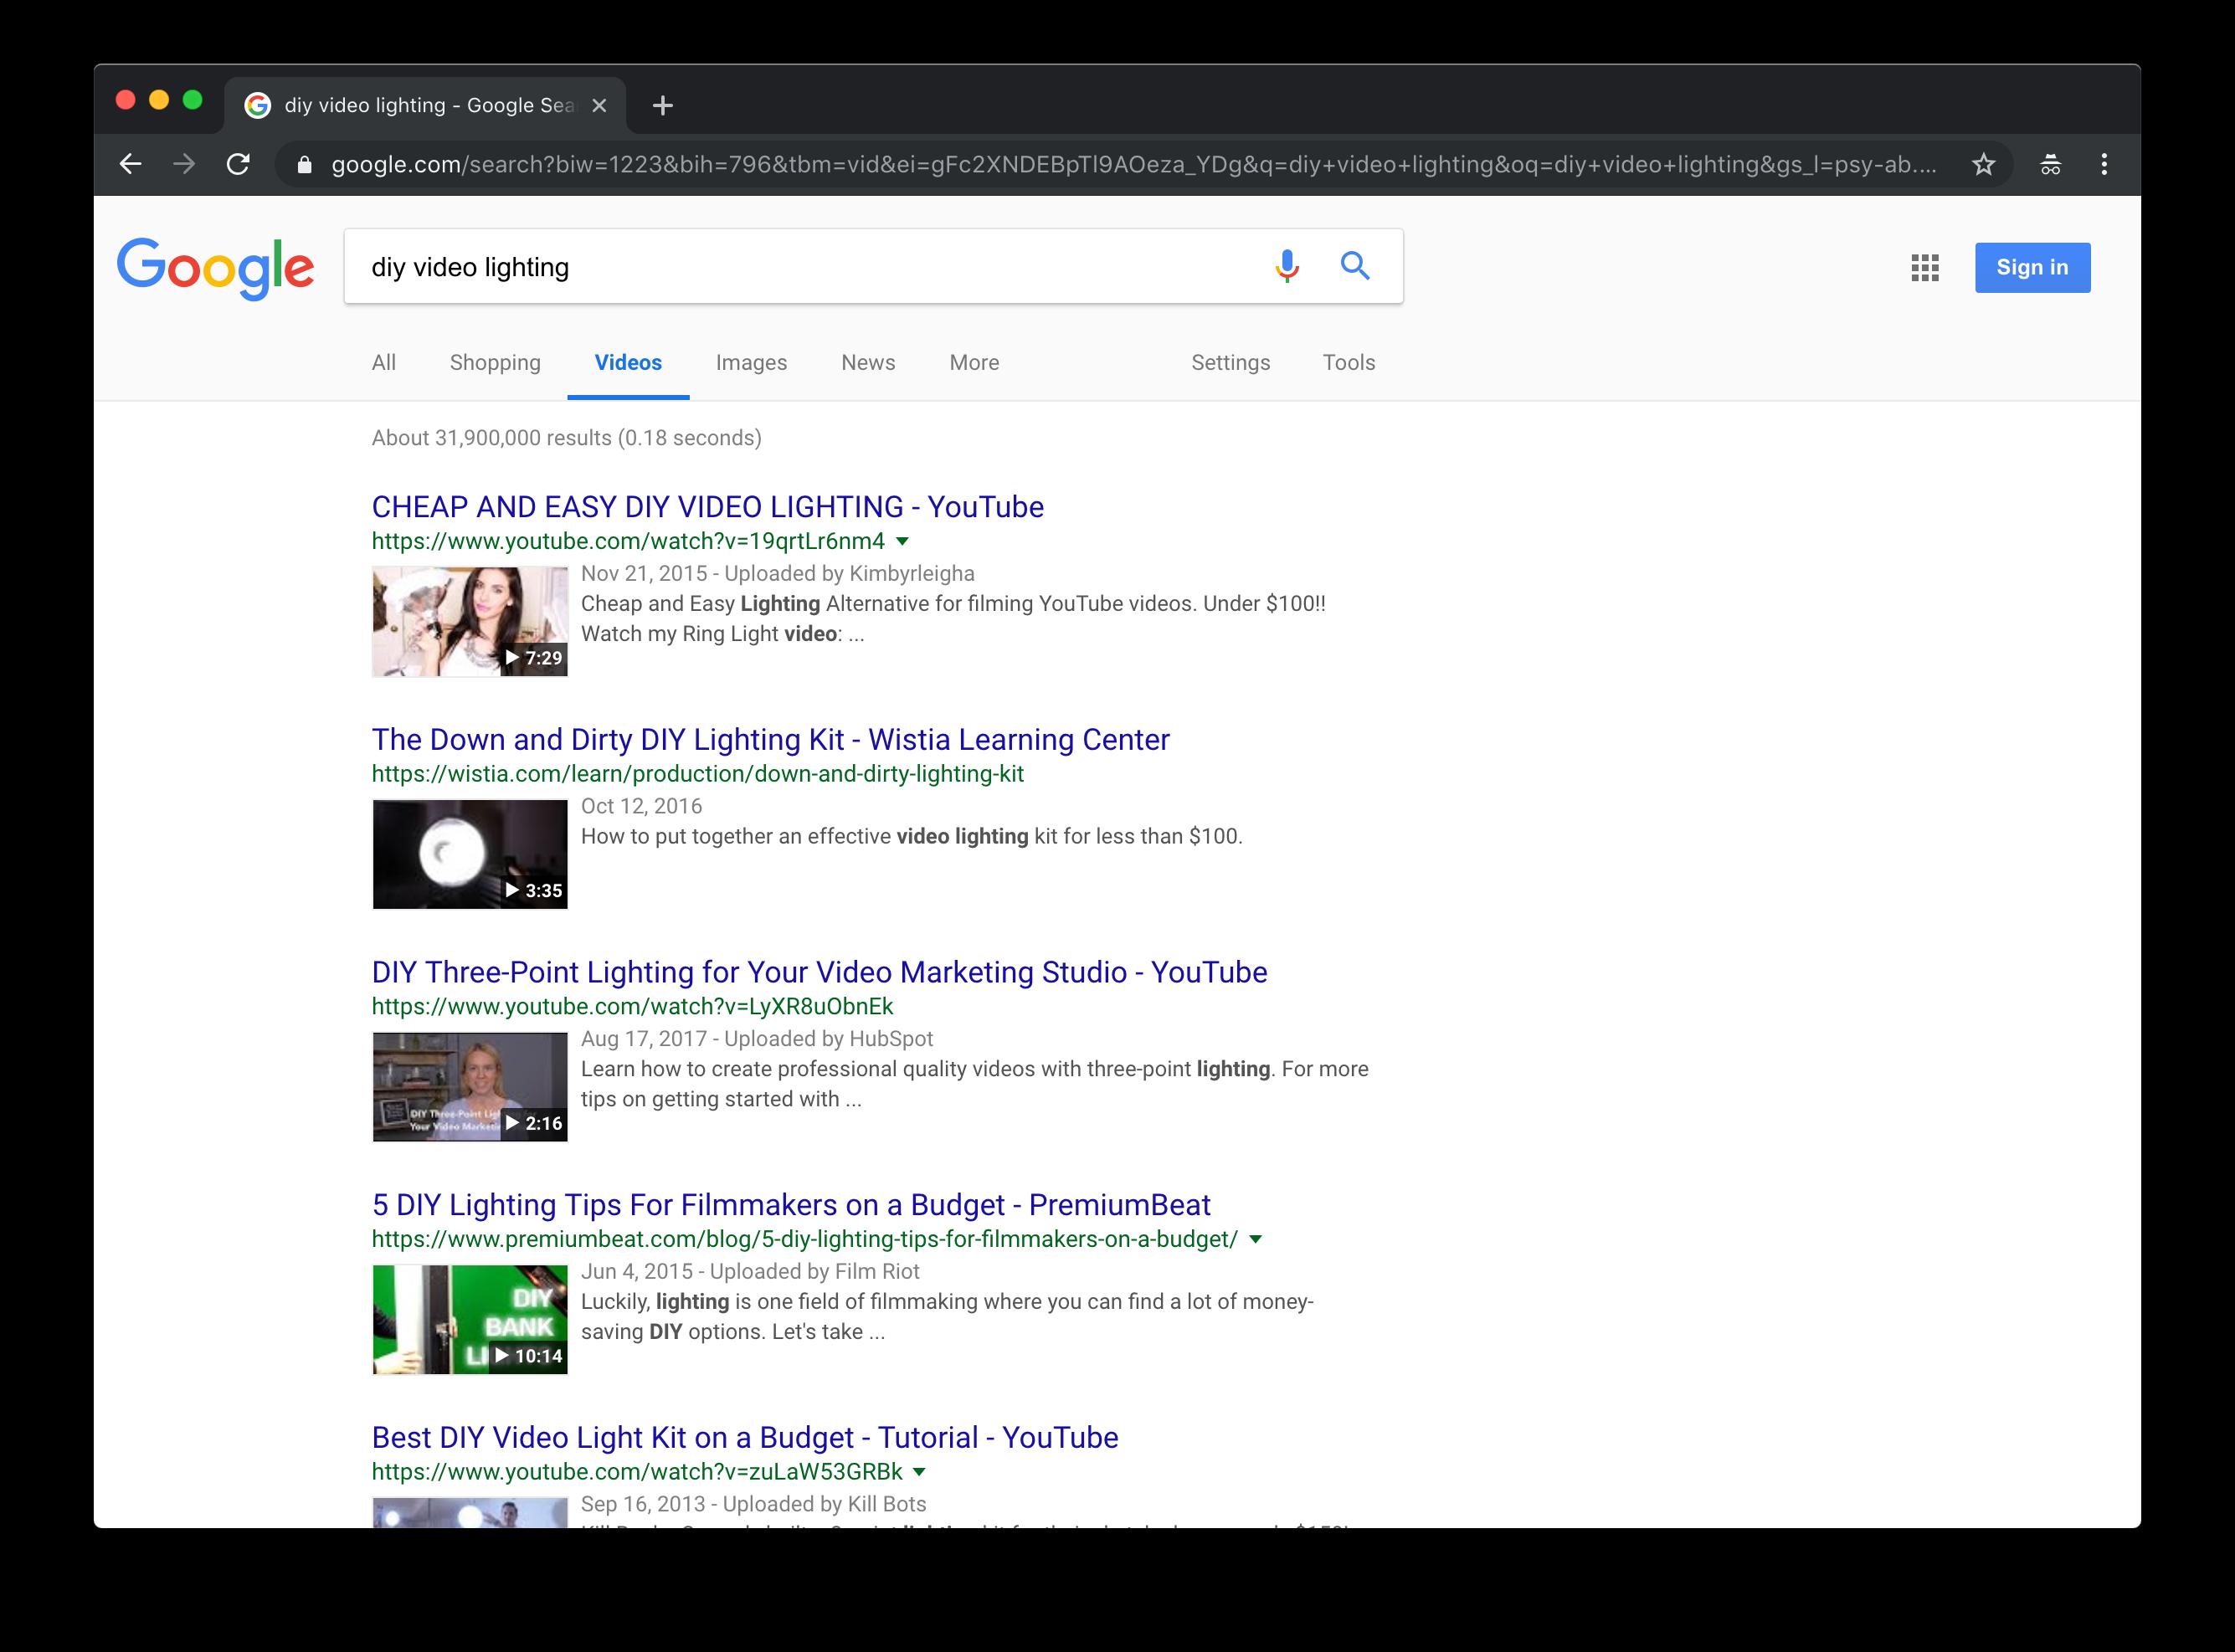 Zoek optimalisatie voor video